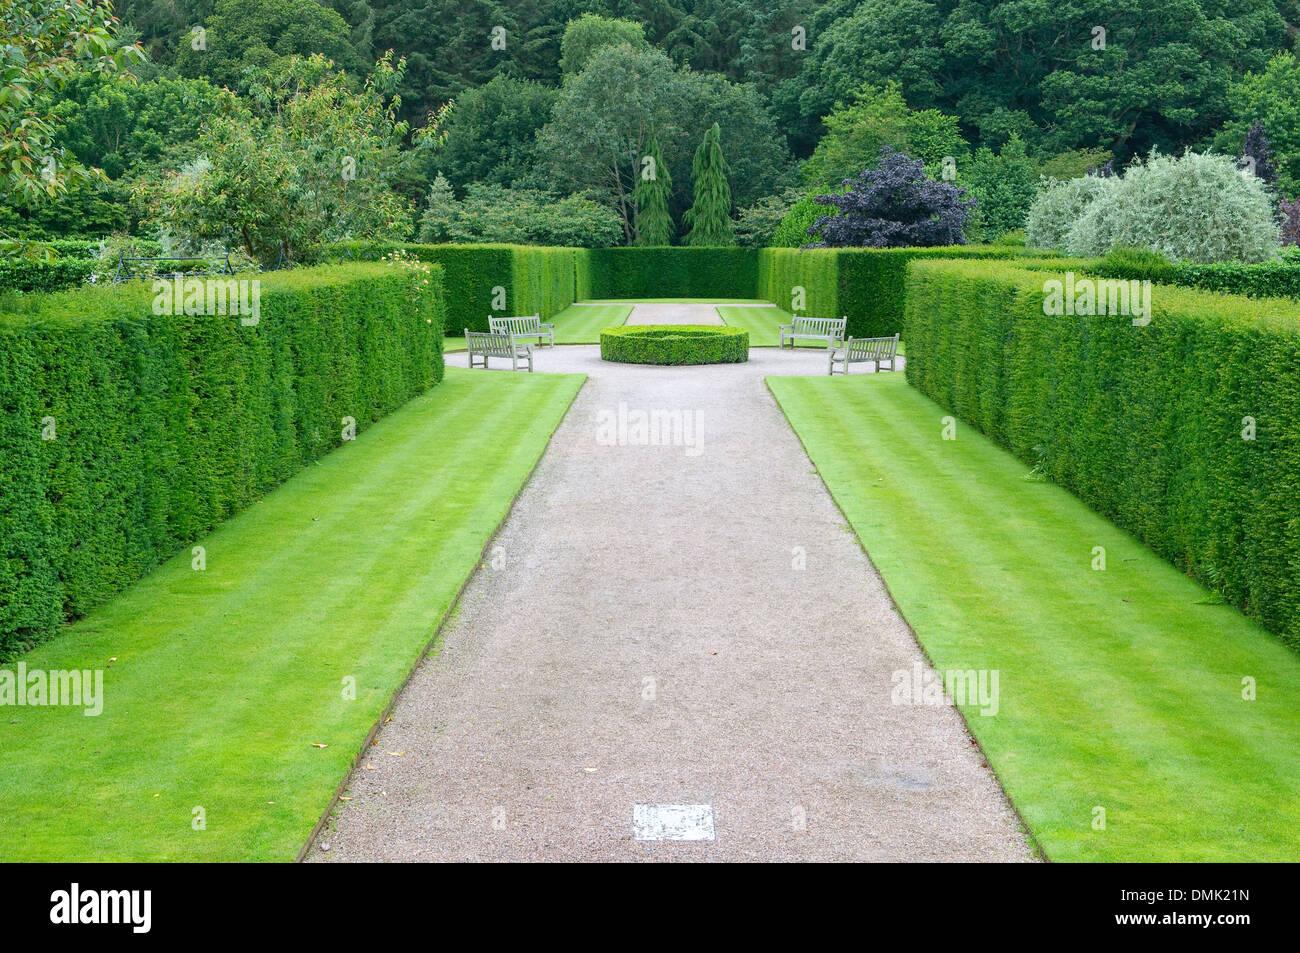 Amazing Rosemoor Garten Kies Gasse Stockbild